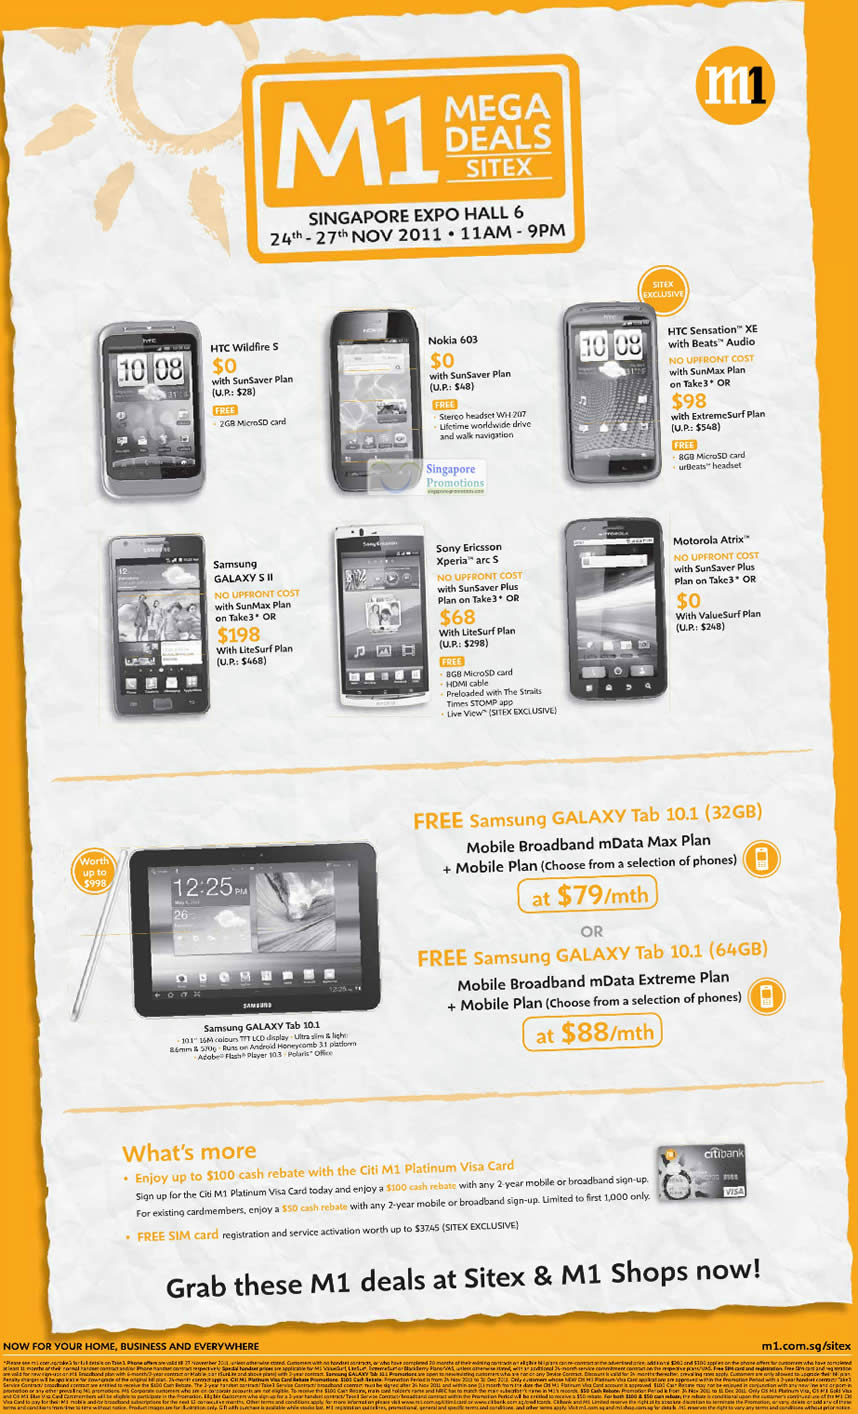 HTC Wildfire S, Nokia 603, HTC Sensation XE, Samsung Galaxy S II, Sony Ericsson Xperia Arc S, Motorola Atrix